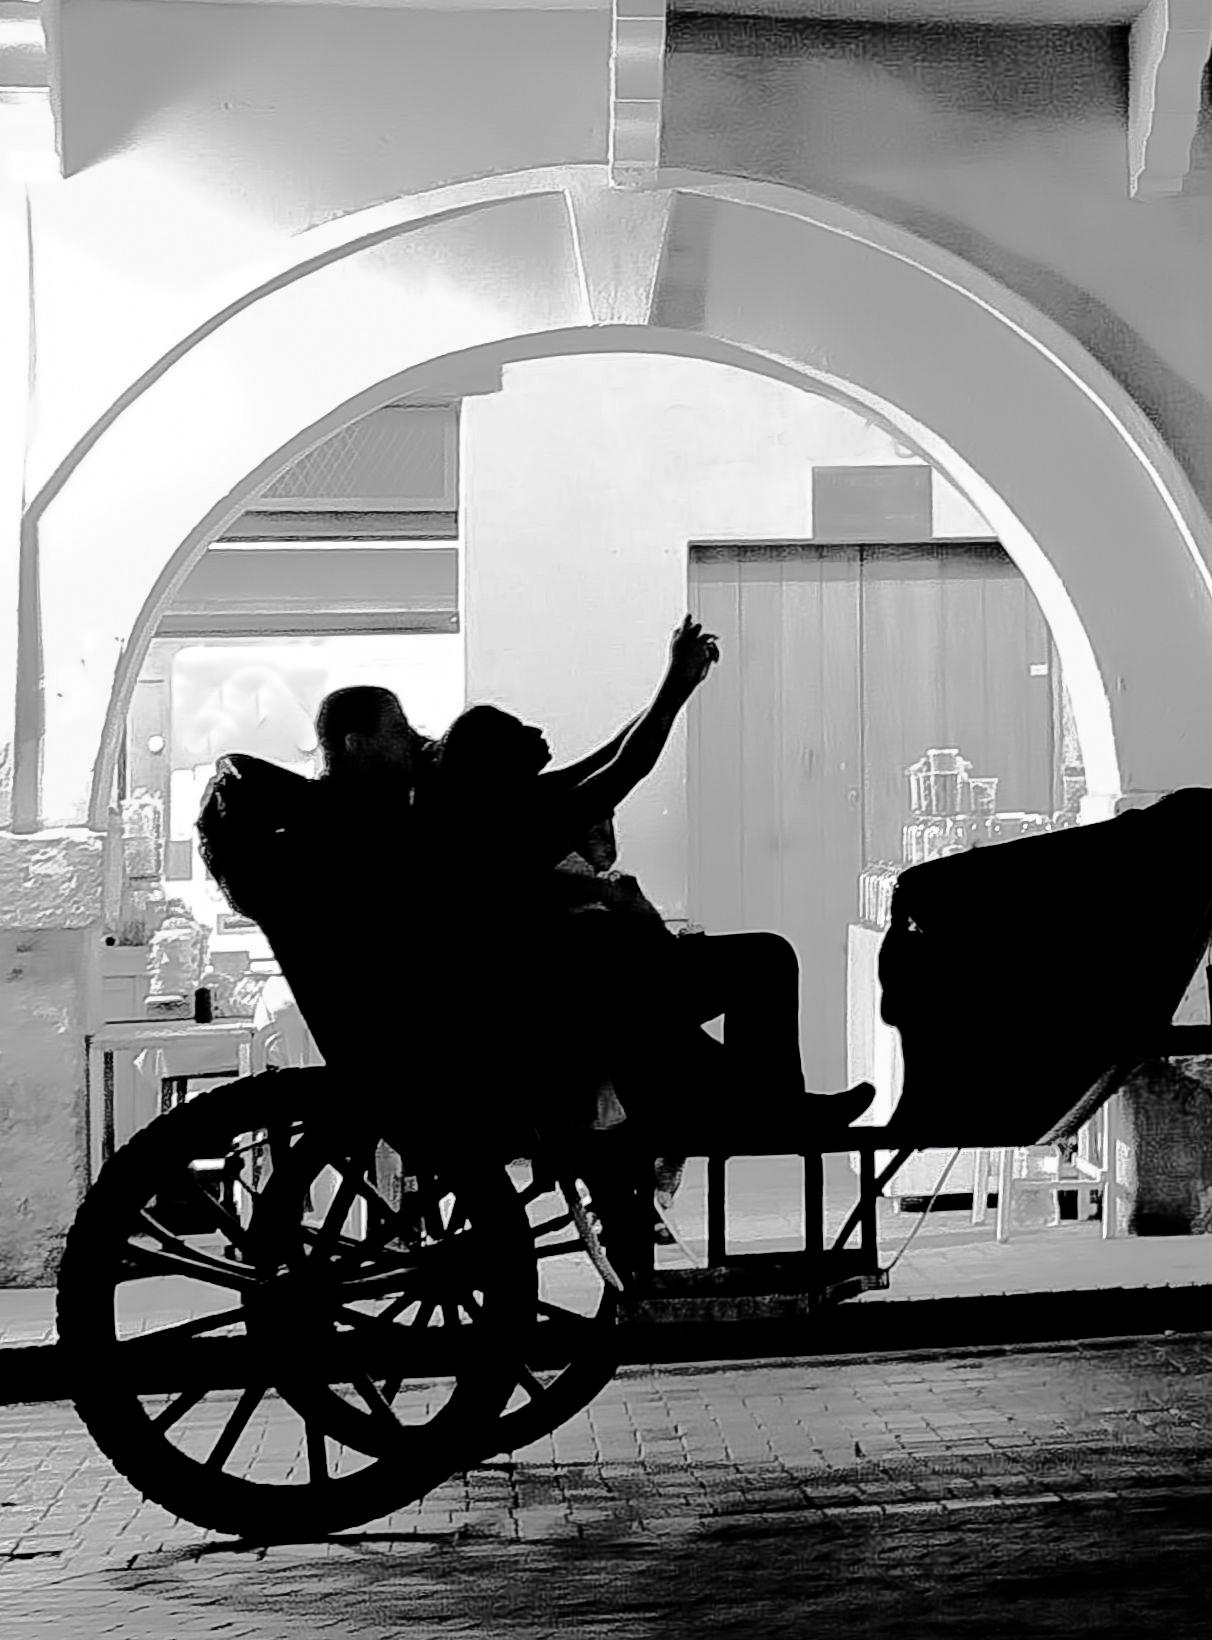 Backlighting of selfie on carriage by Edgar Serna